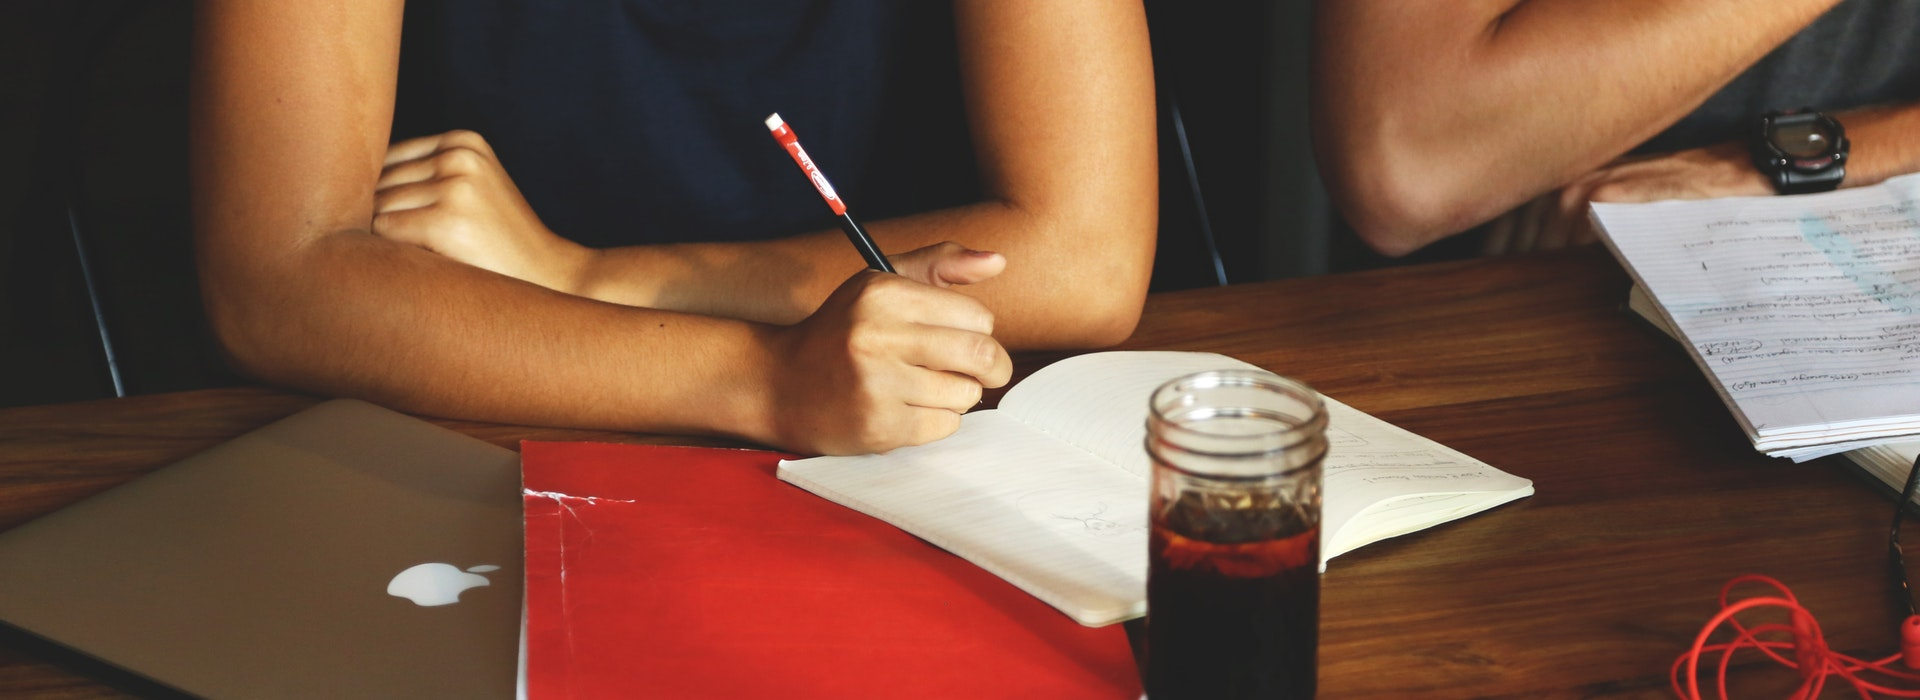 Photo gros plan d'une femme écrivant dans un cahier rouge sur un bureau avec une tasse de café devant elle